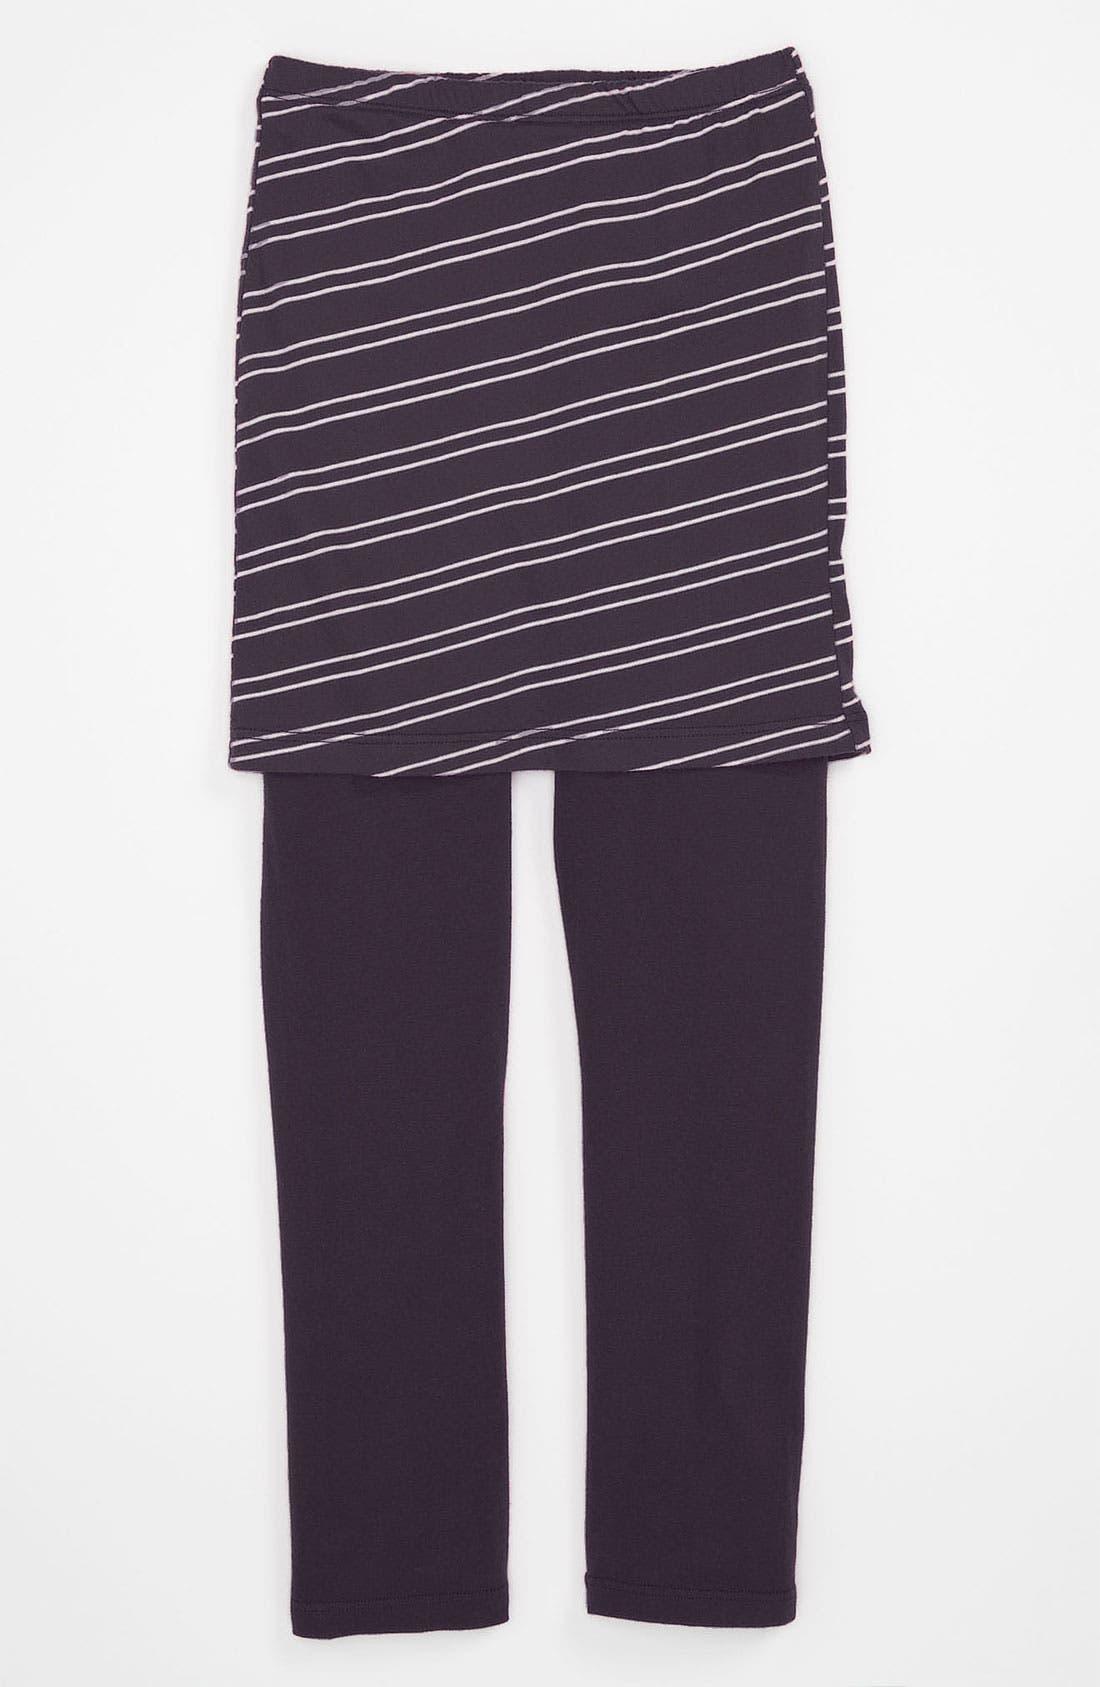 Main Image - Joah Love Stripe Skirt Leggings (Little Girls & Big Girls)